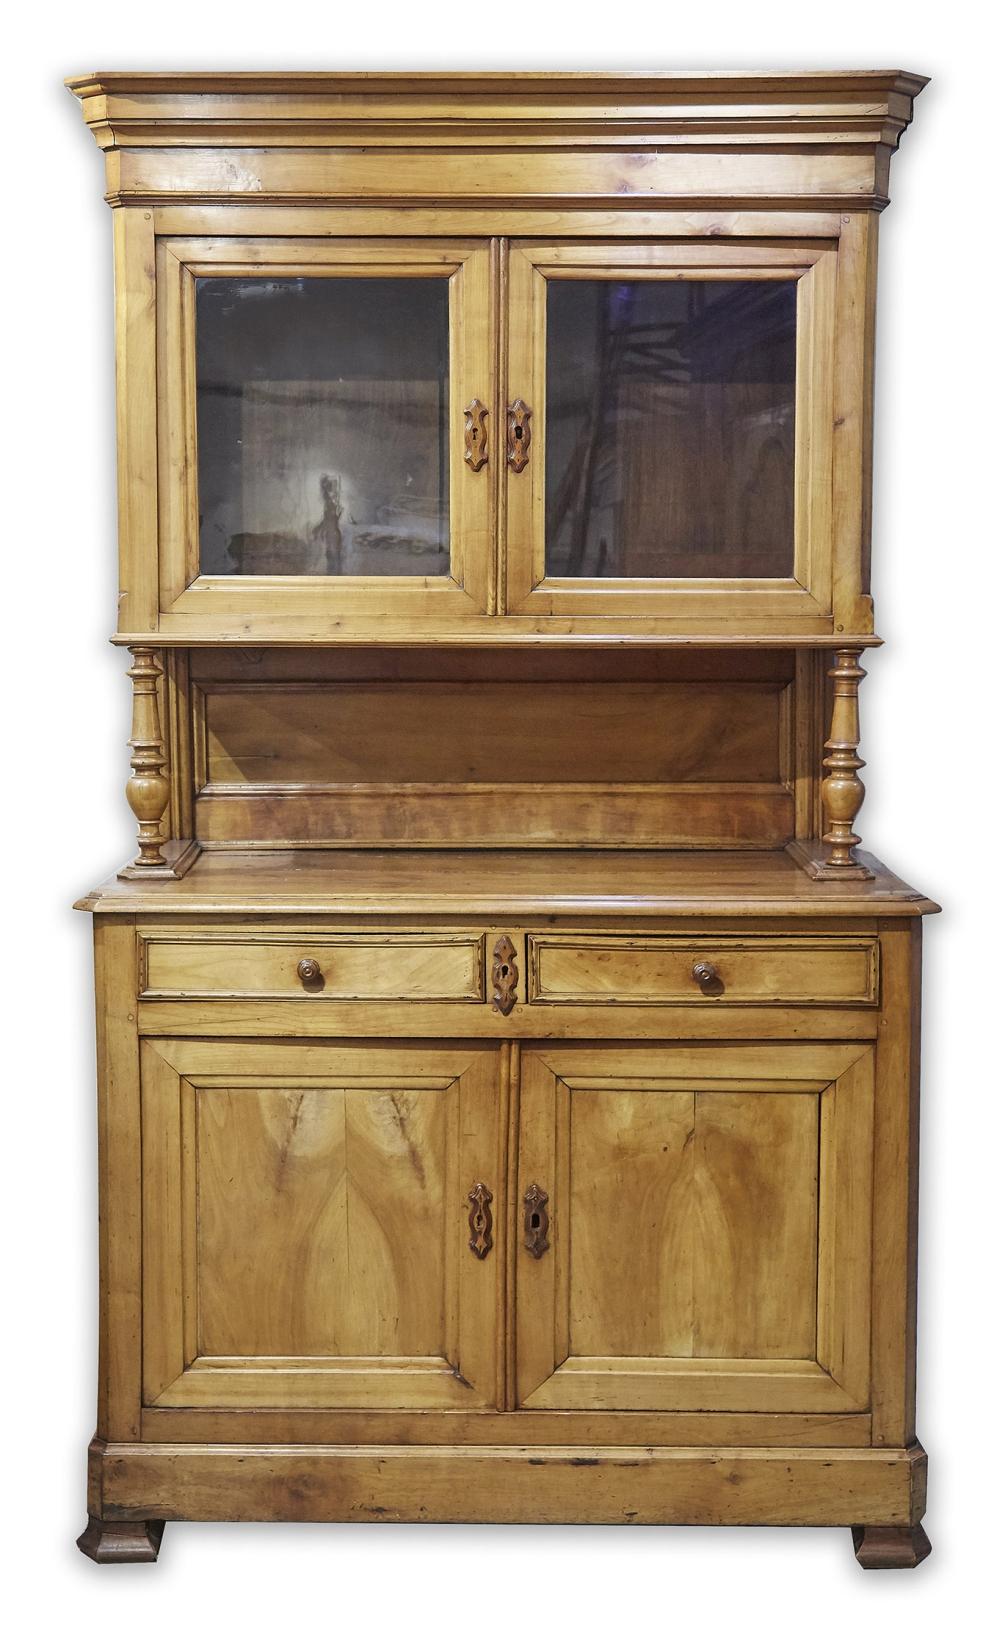 https www invaluable com auction lot buffet vaisselier en bois clair ouvrant par deux 129 c b244d5f92e